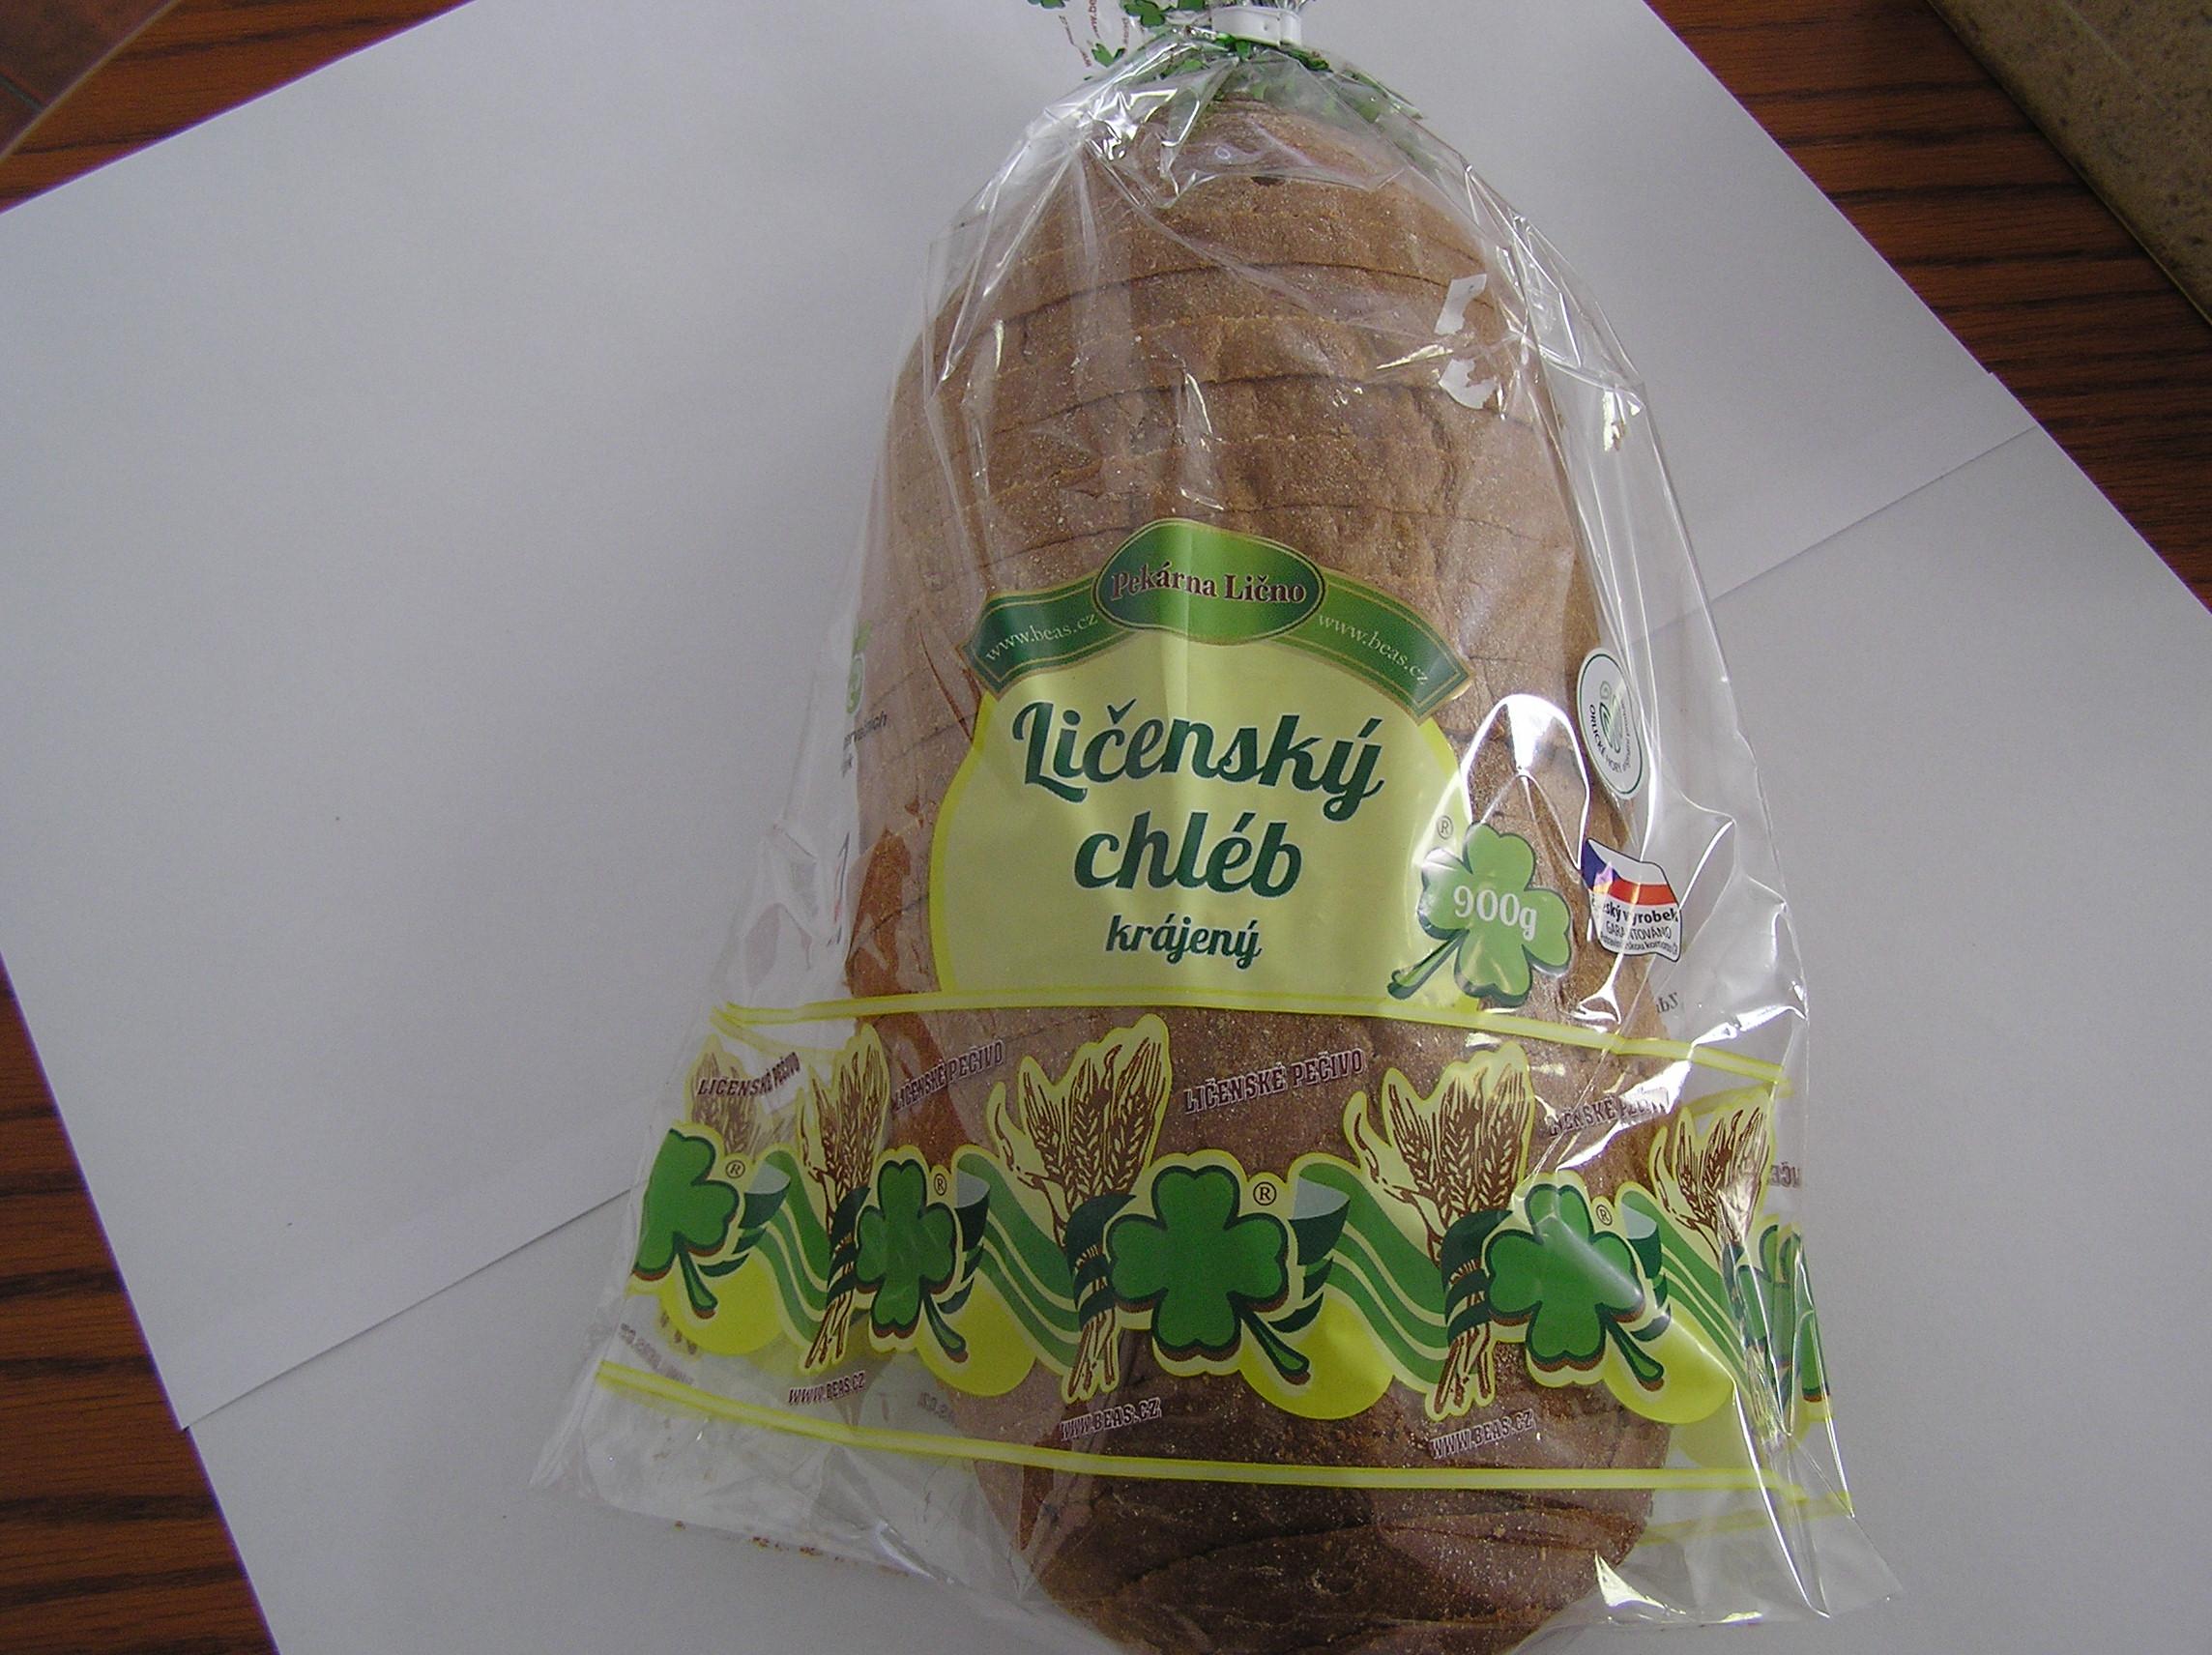 Značka Ličenský chléb krájený